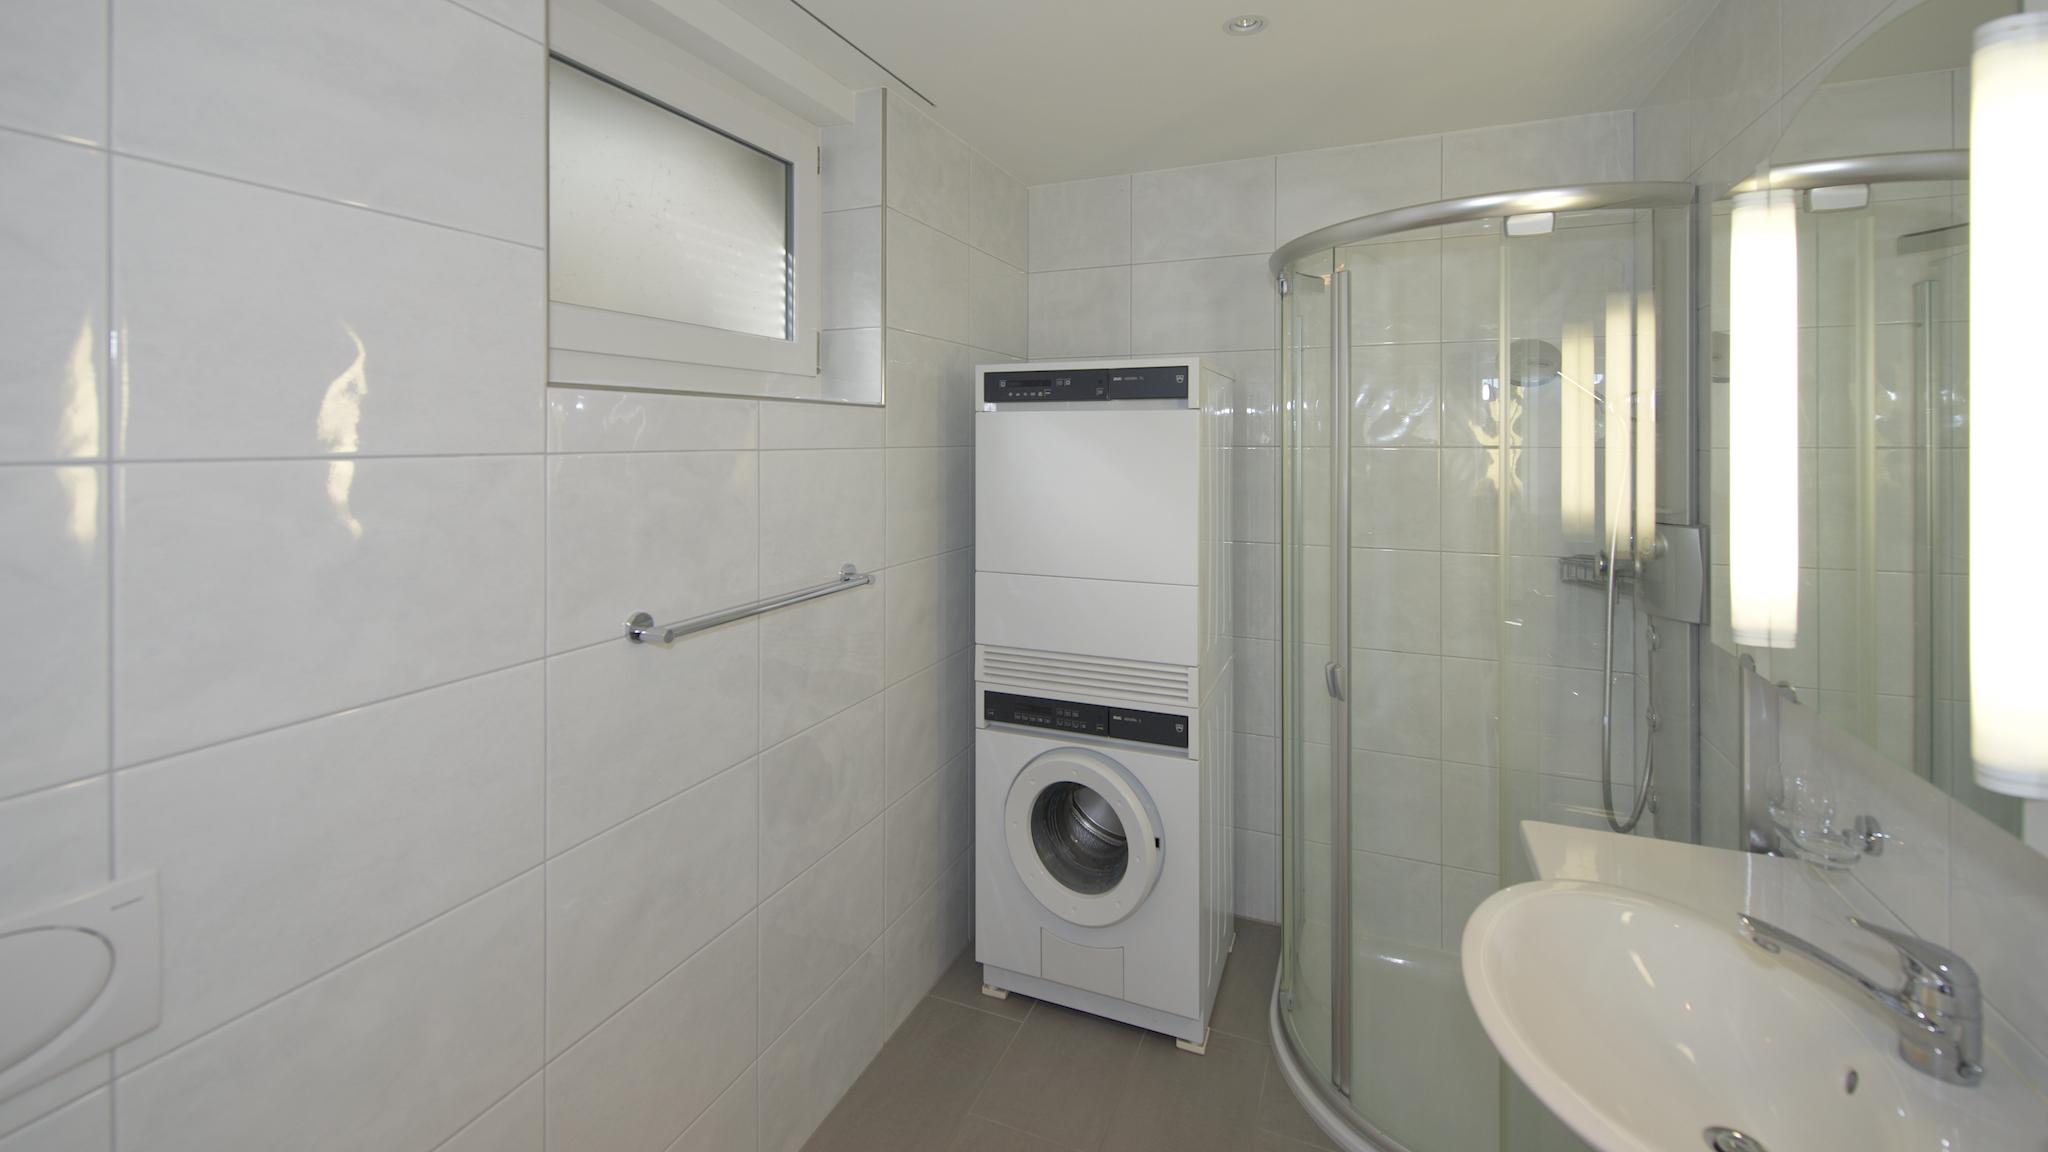 """Elternbad als """"Bad en Suite"""" mit dem Waschturm und einem Closomat (Dusch-WC)"""